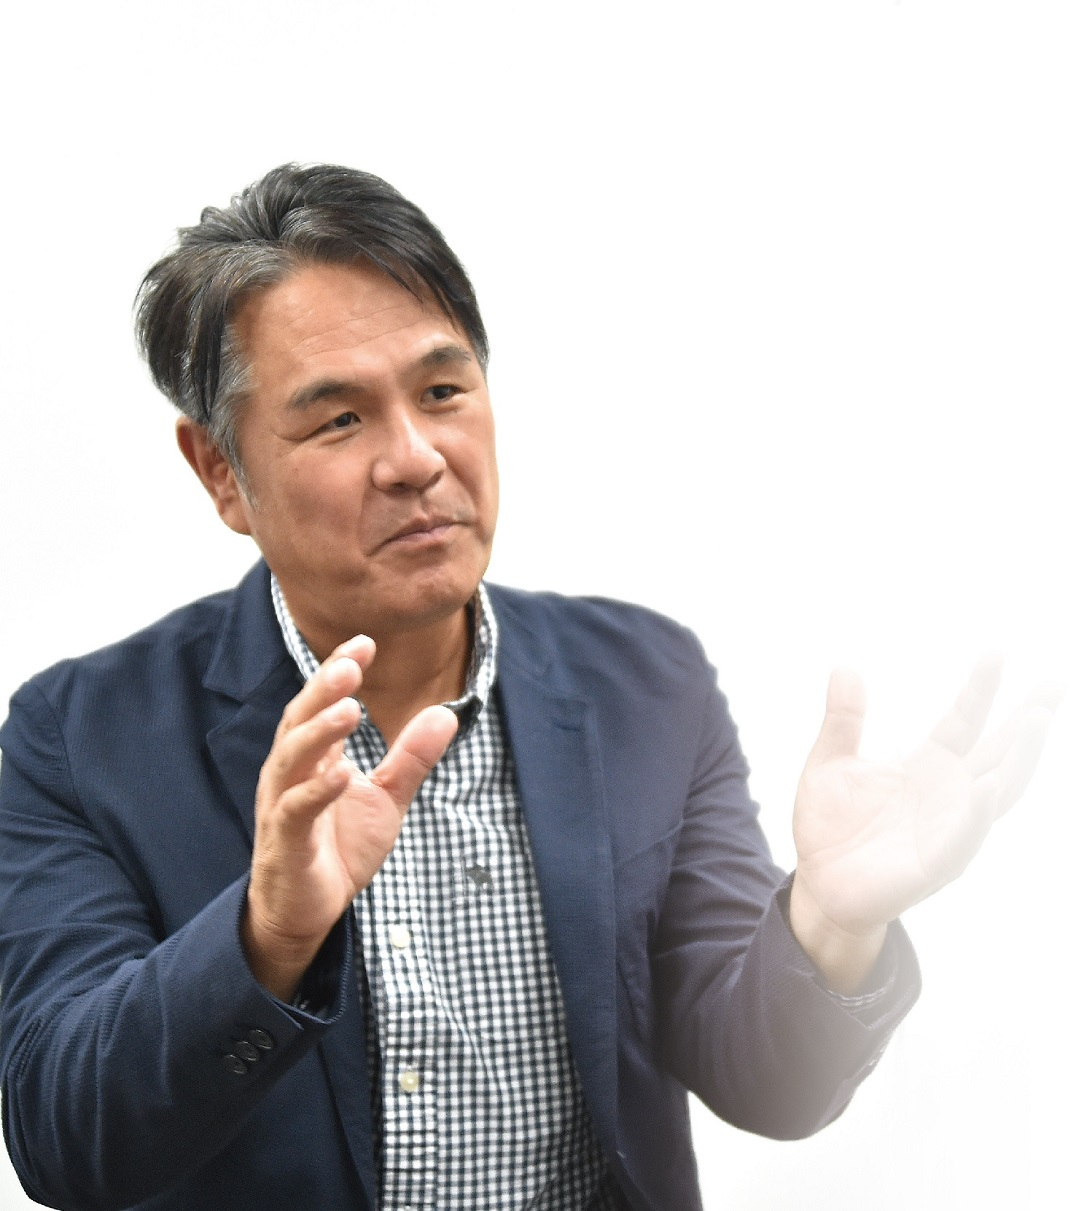 【レジェンドインタビュー】「自分で考えることがすべて」鈴木 健(元西武-ヤクルト)